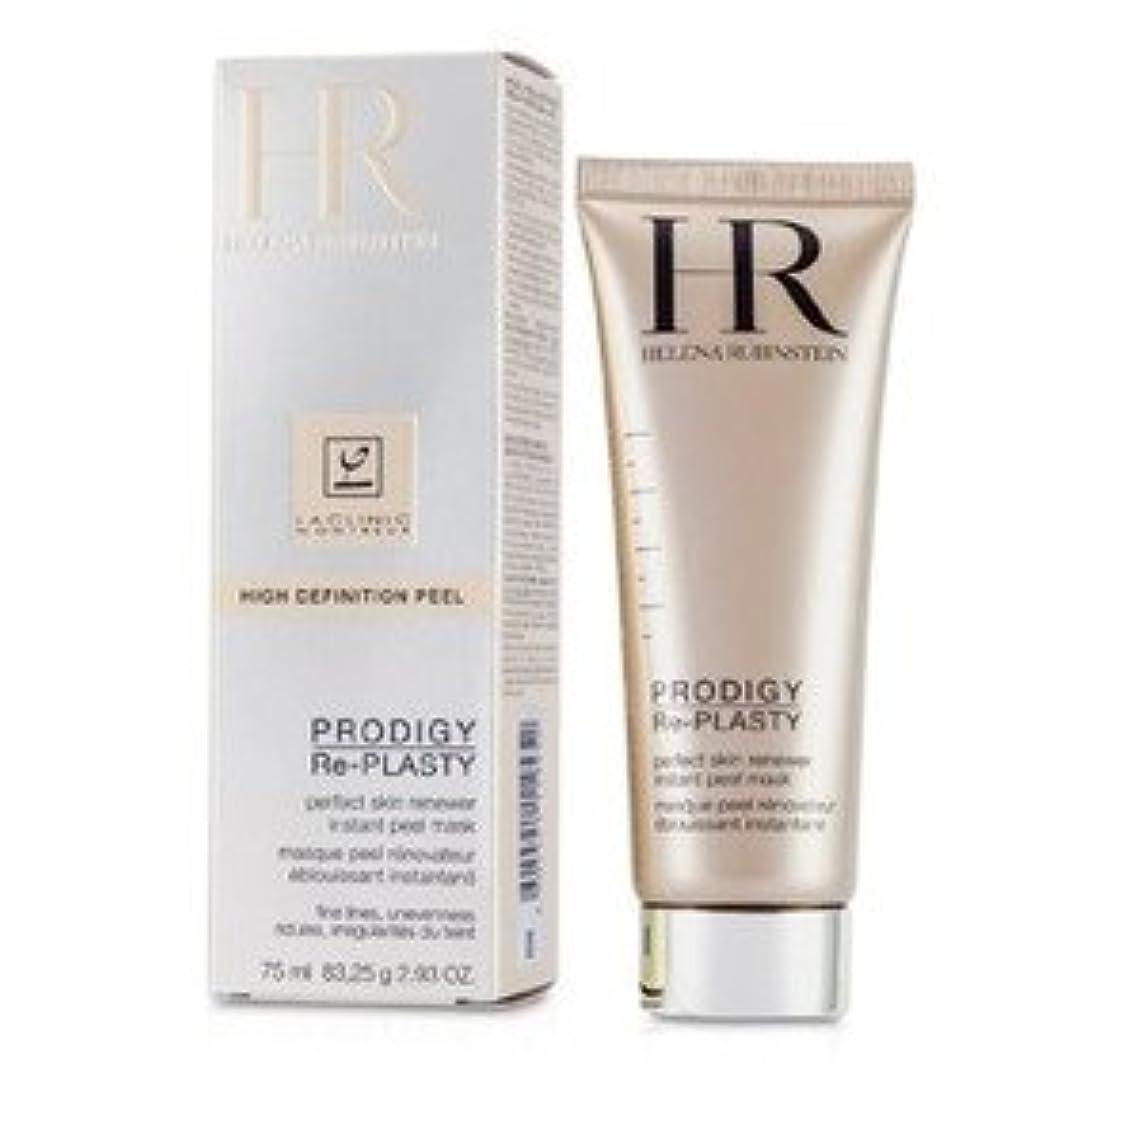 食用廃止するくしゃくしゃHelena Rubinstein(ヘレナ?ルビンスタイン) Prodigy Re-Plasty High Definition Peel Perfect Skin Renewer Instant Peel Mask 75ml...